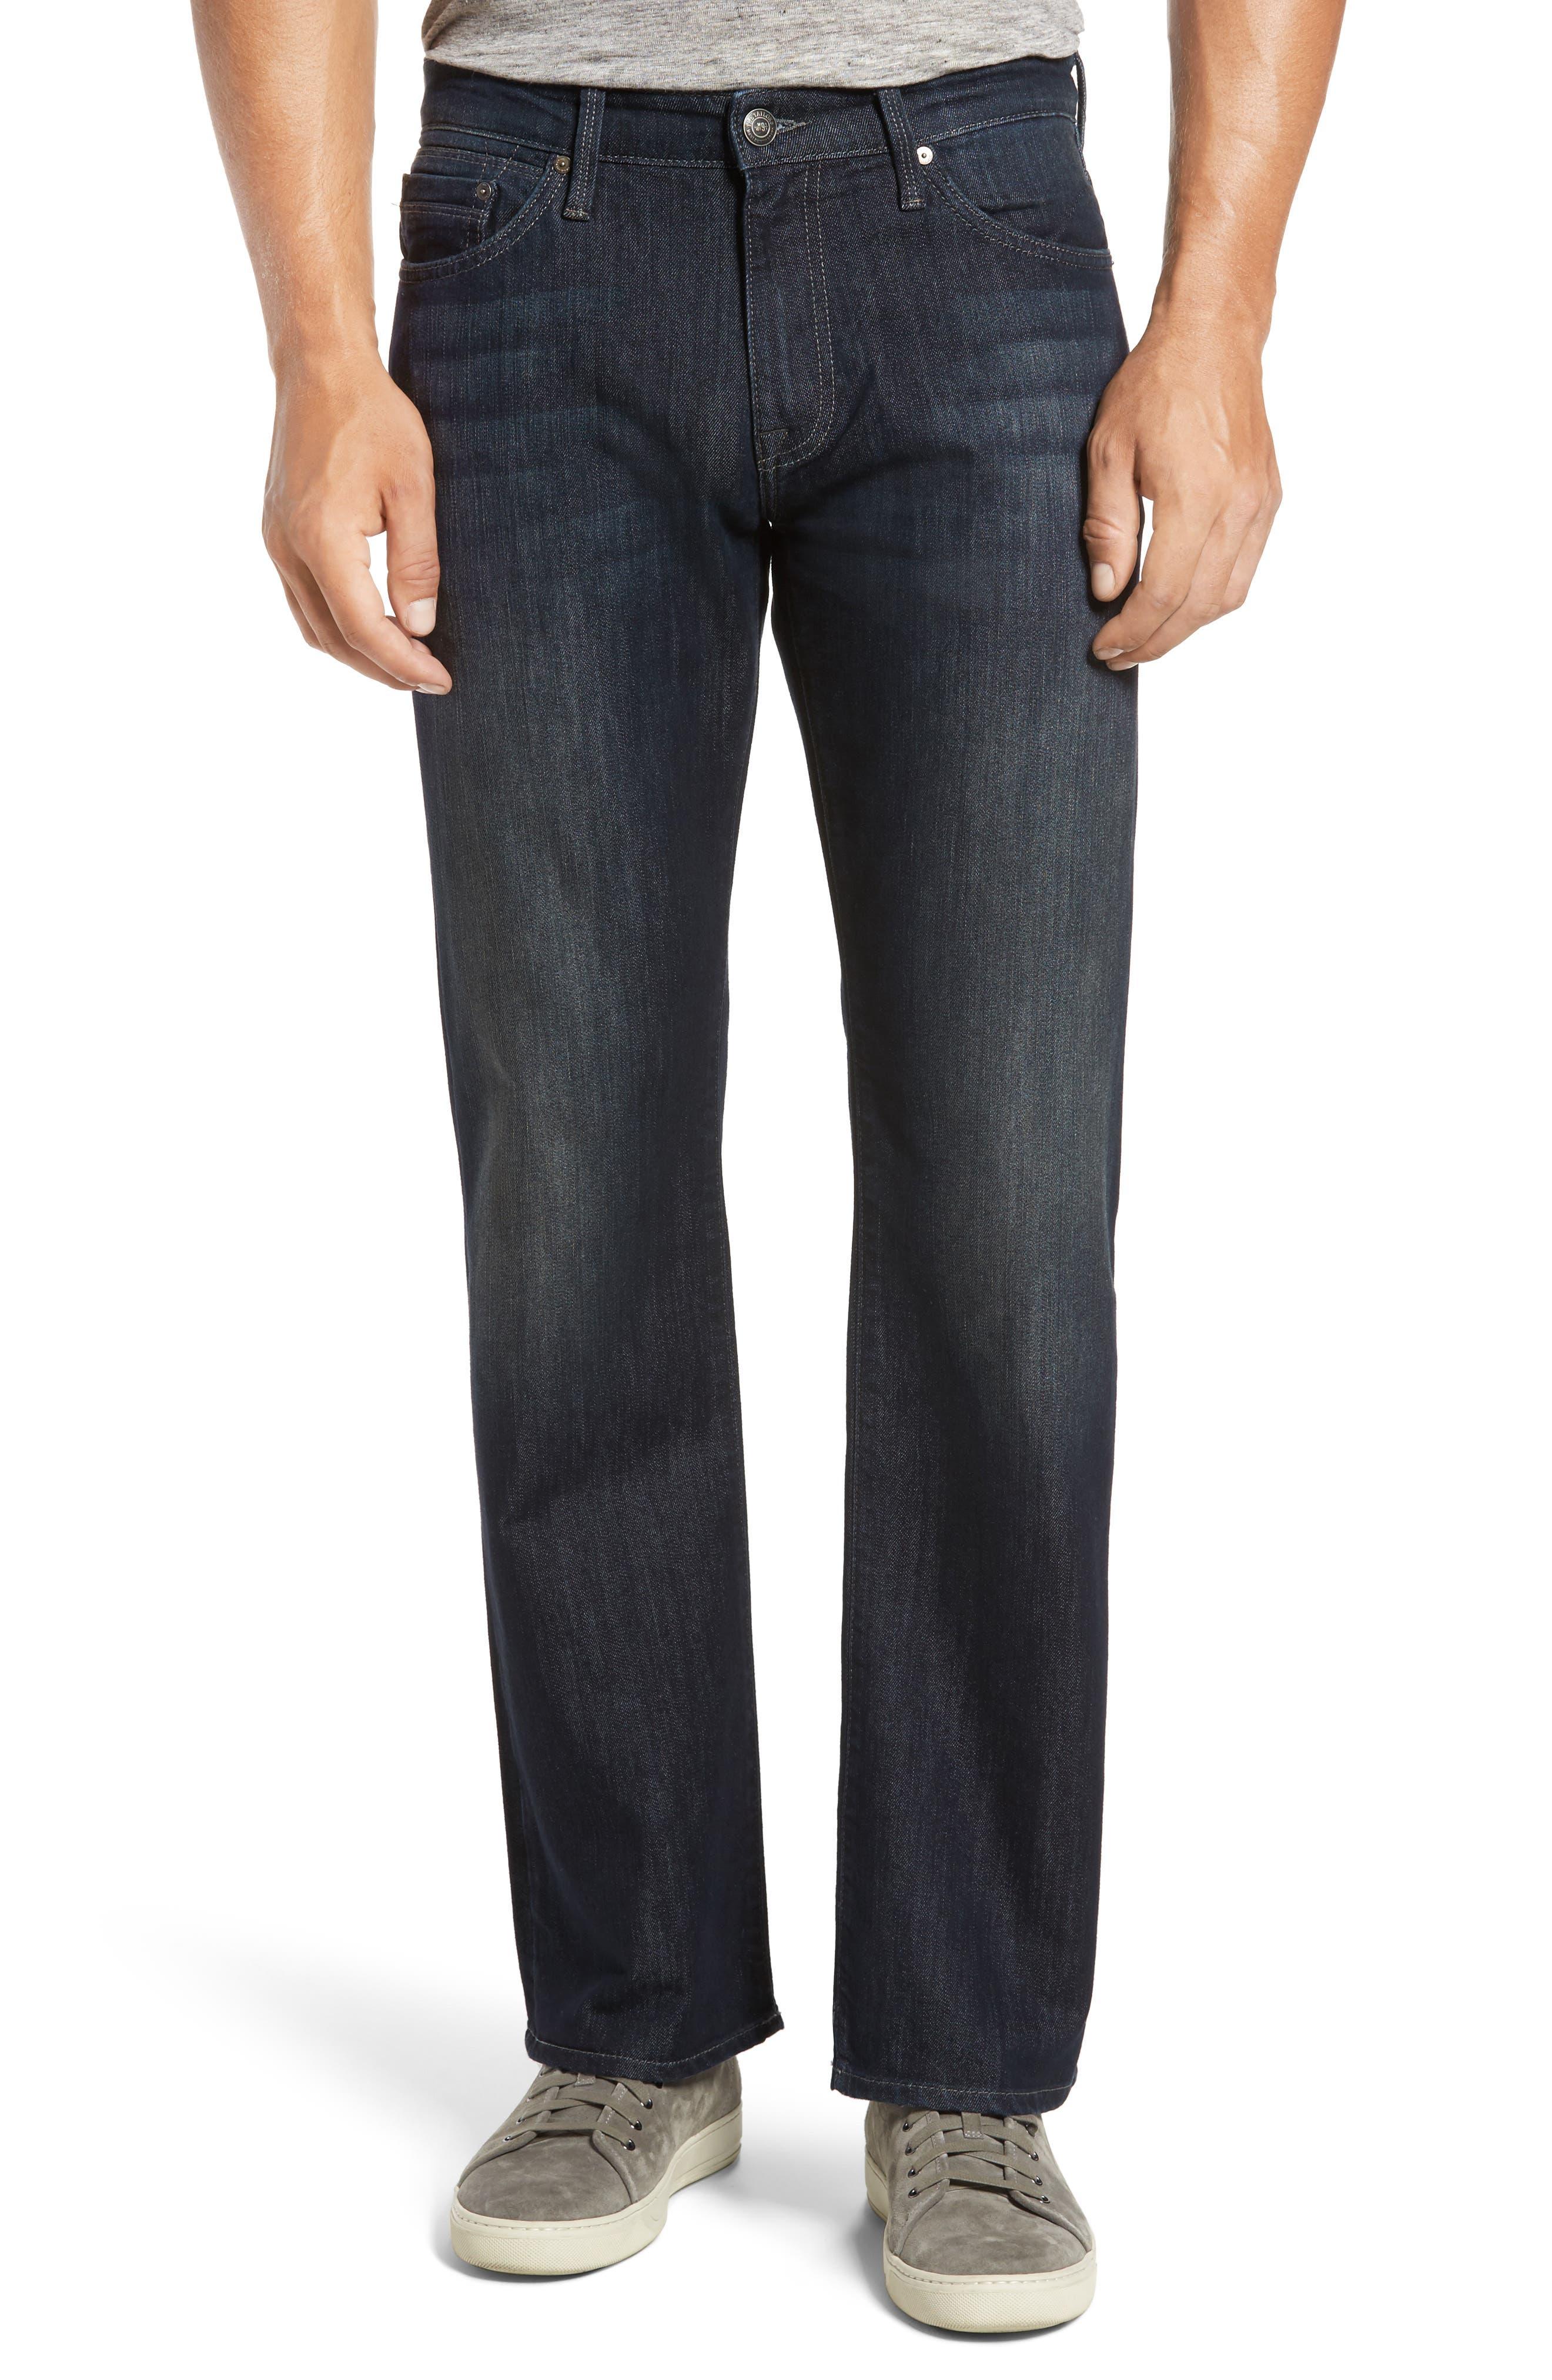 Mavi Jeans Josh Bootcut Jeans (Deep Stanford)